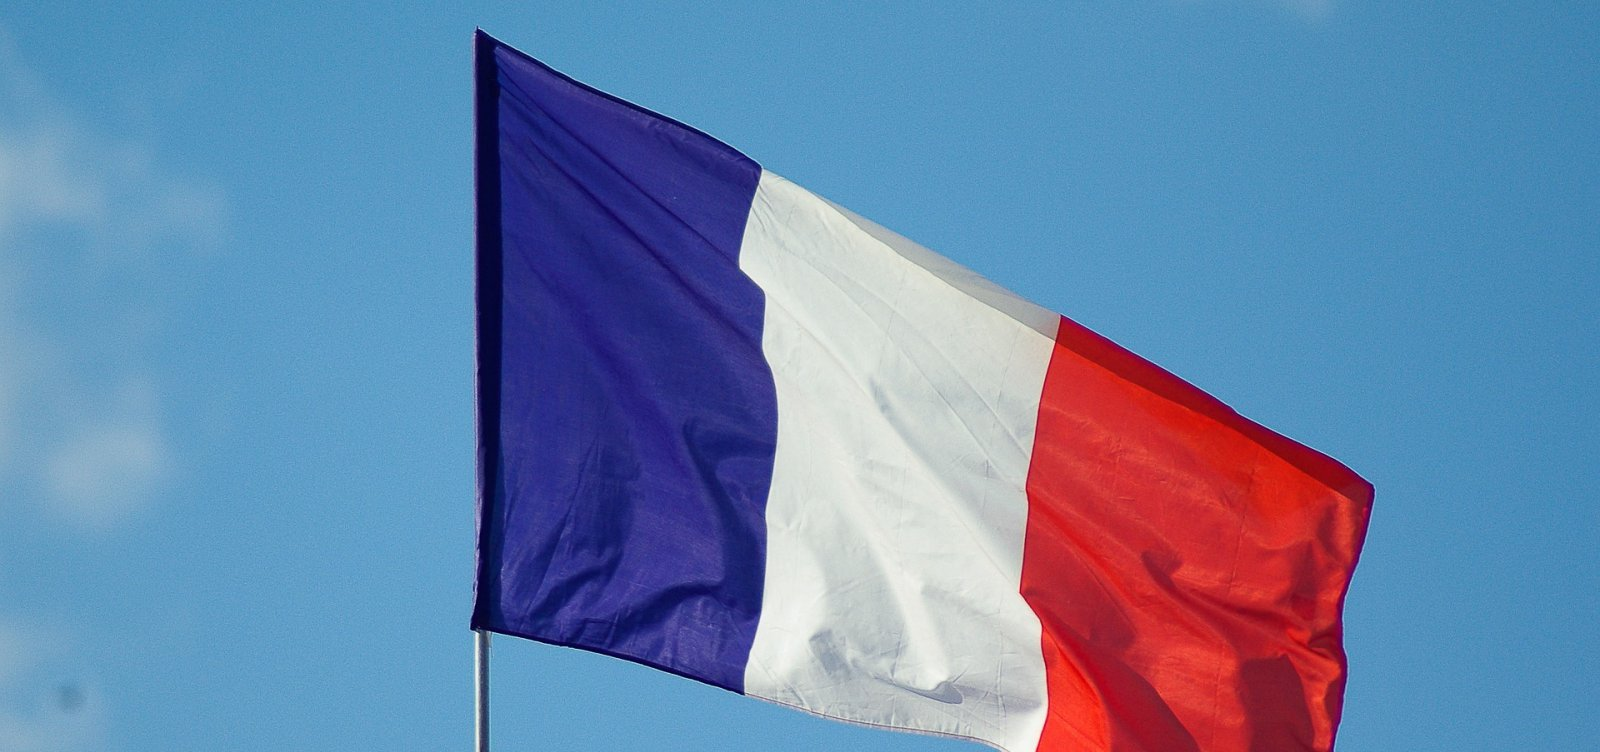 [Número de mortes por Covid-19 na França foi maior entre imigrantes]